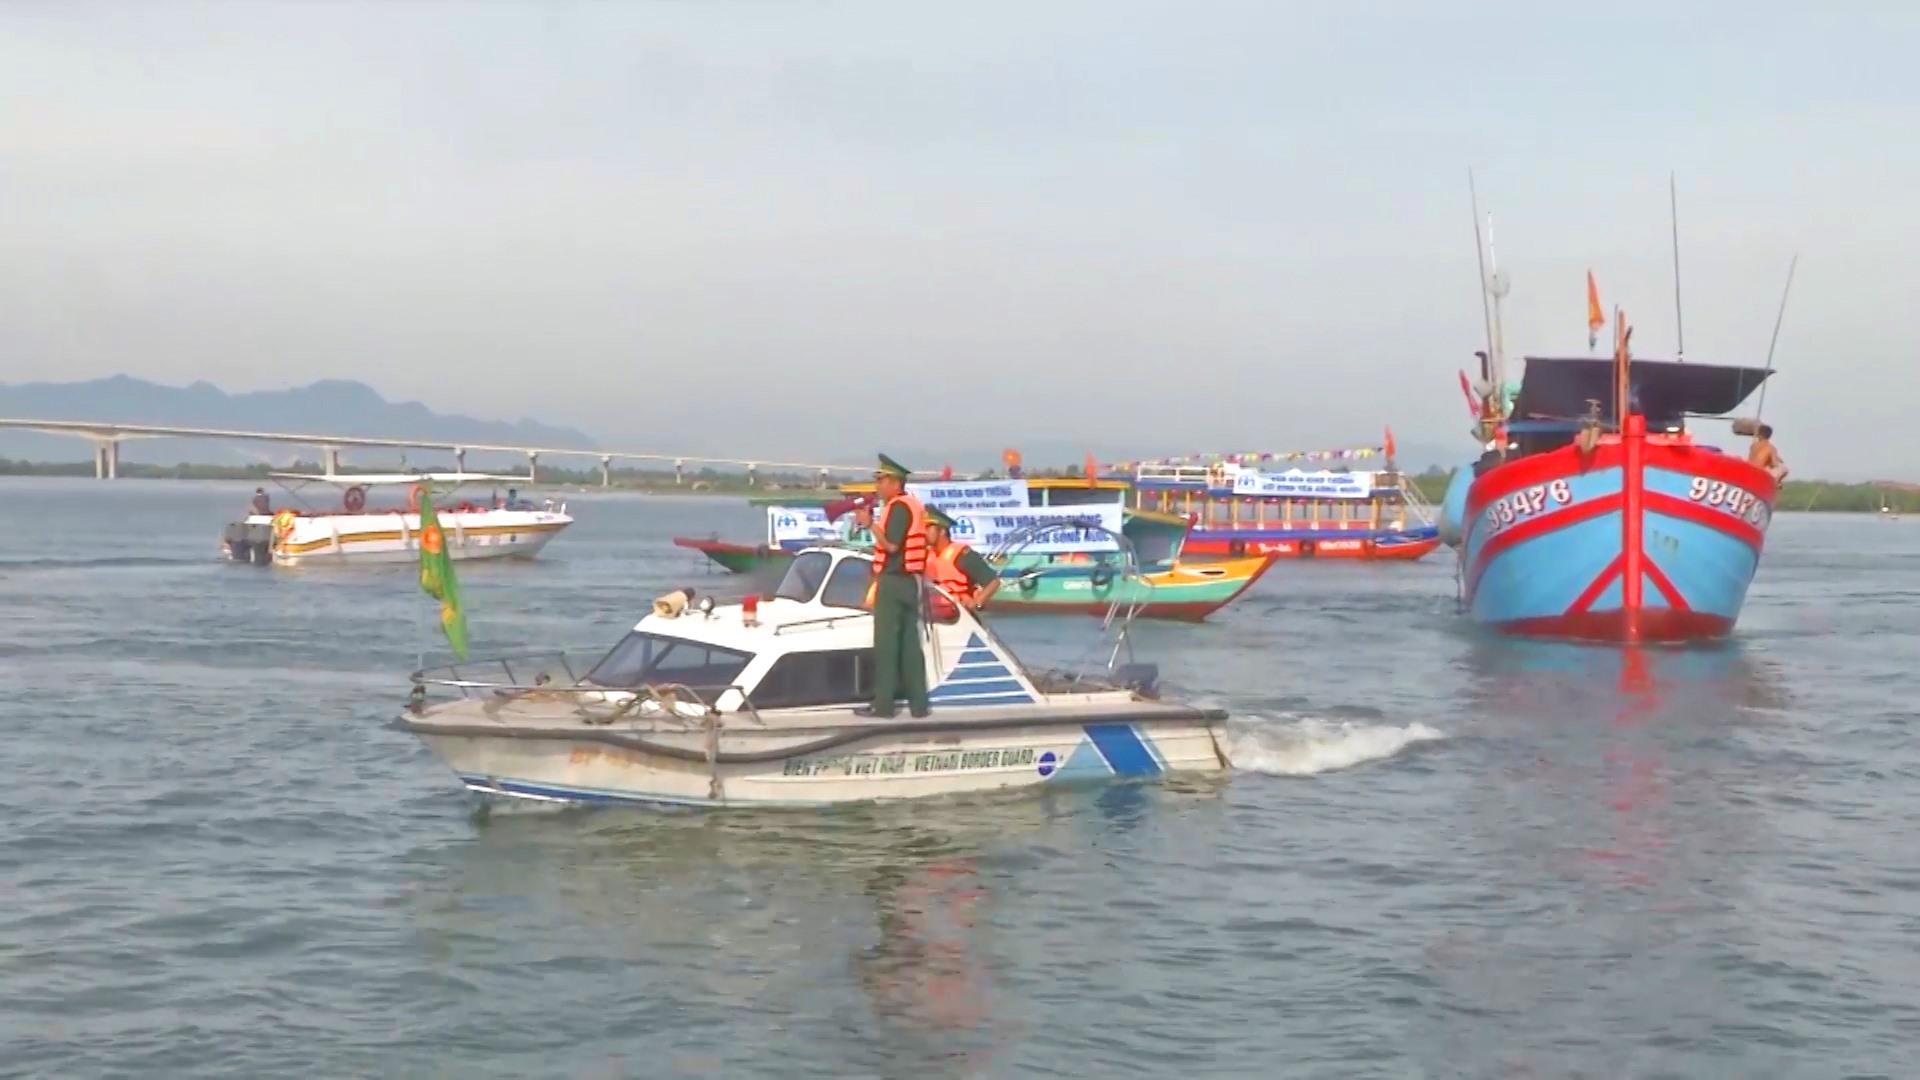 BĐBP tỉnh kêu gọi tàu thuyền vào nơi tránh trú an toàn. Ảnh: HỒNG ANH